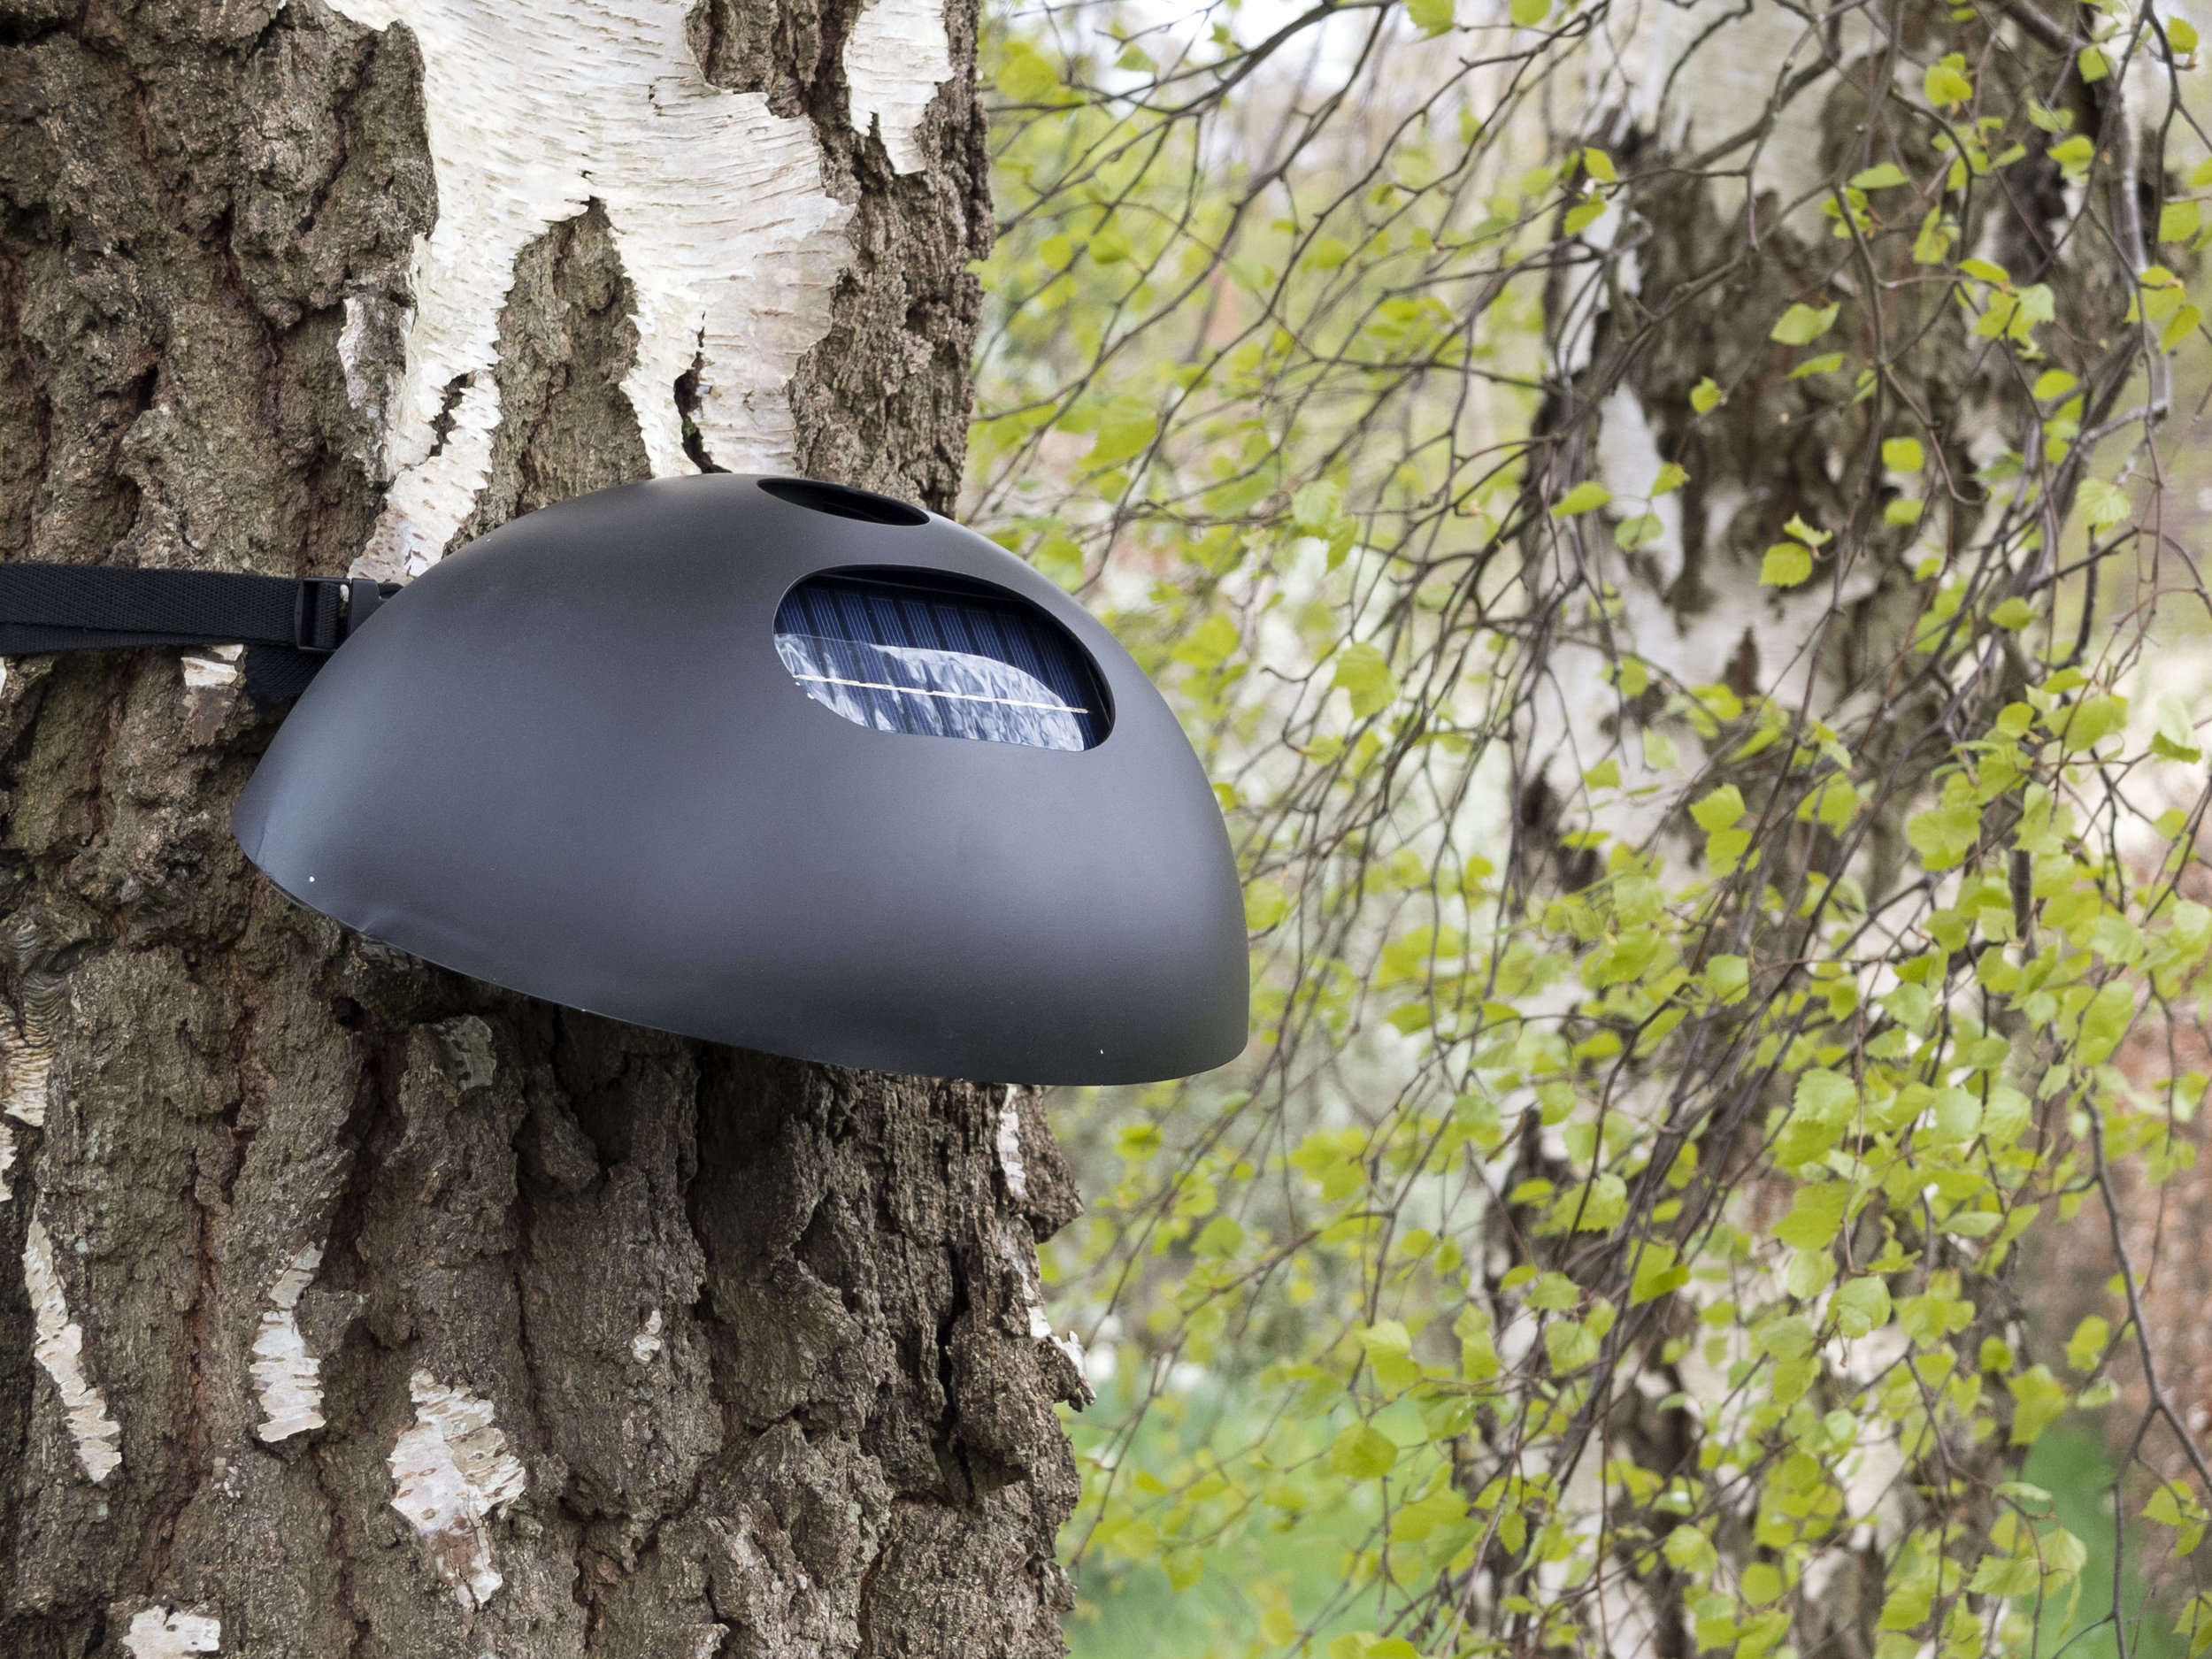 Pyromesh: sensor node, mountable on a tree